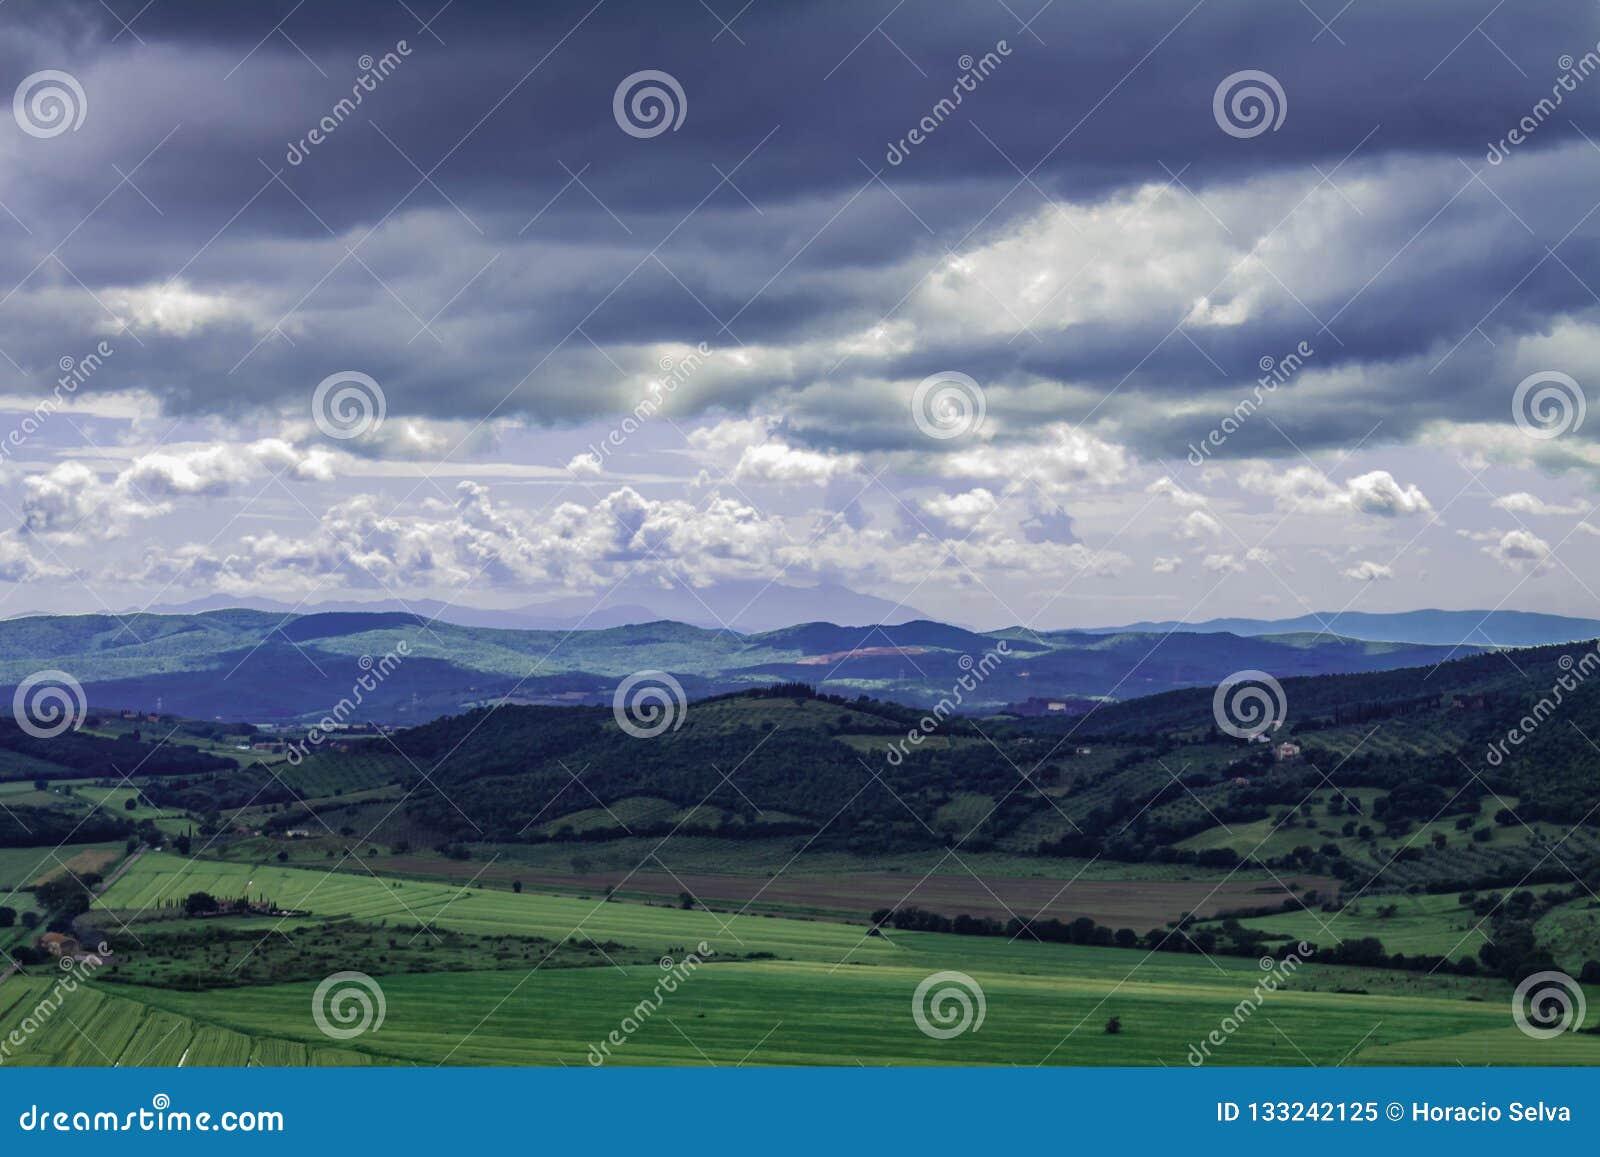 Vue panoramique de la Toscane italienne Les montagnes dans la distance sont couvertes par des nuages